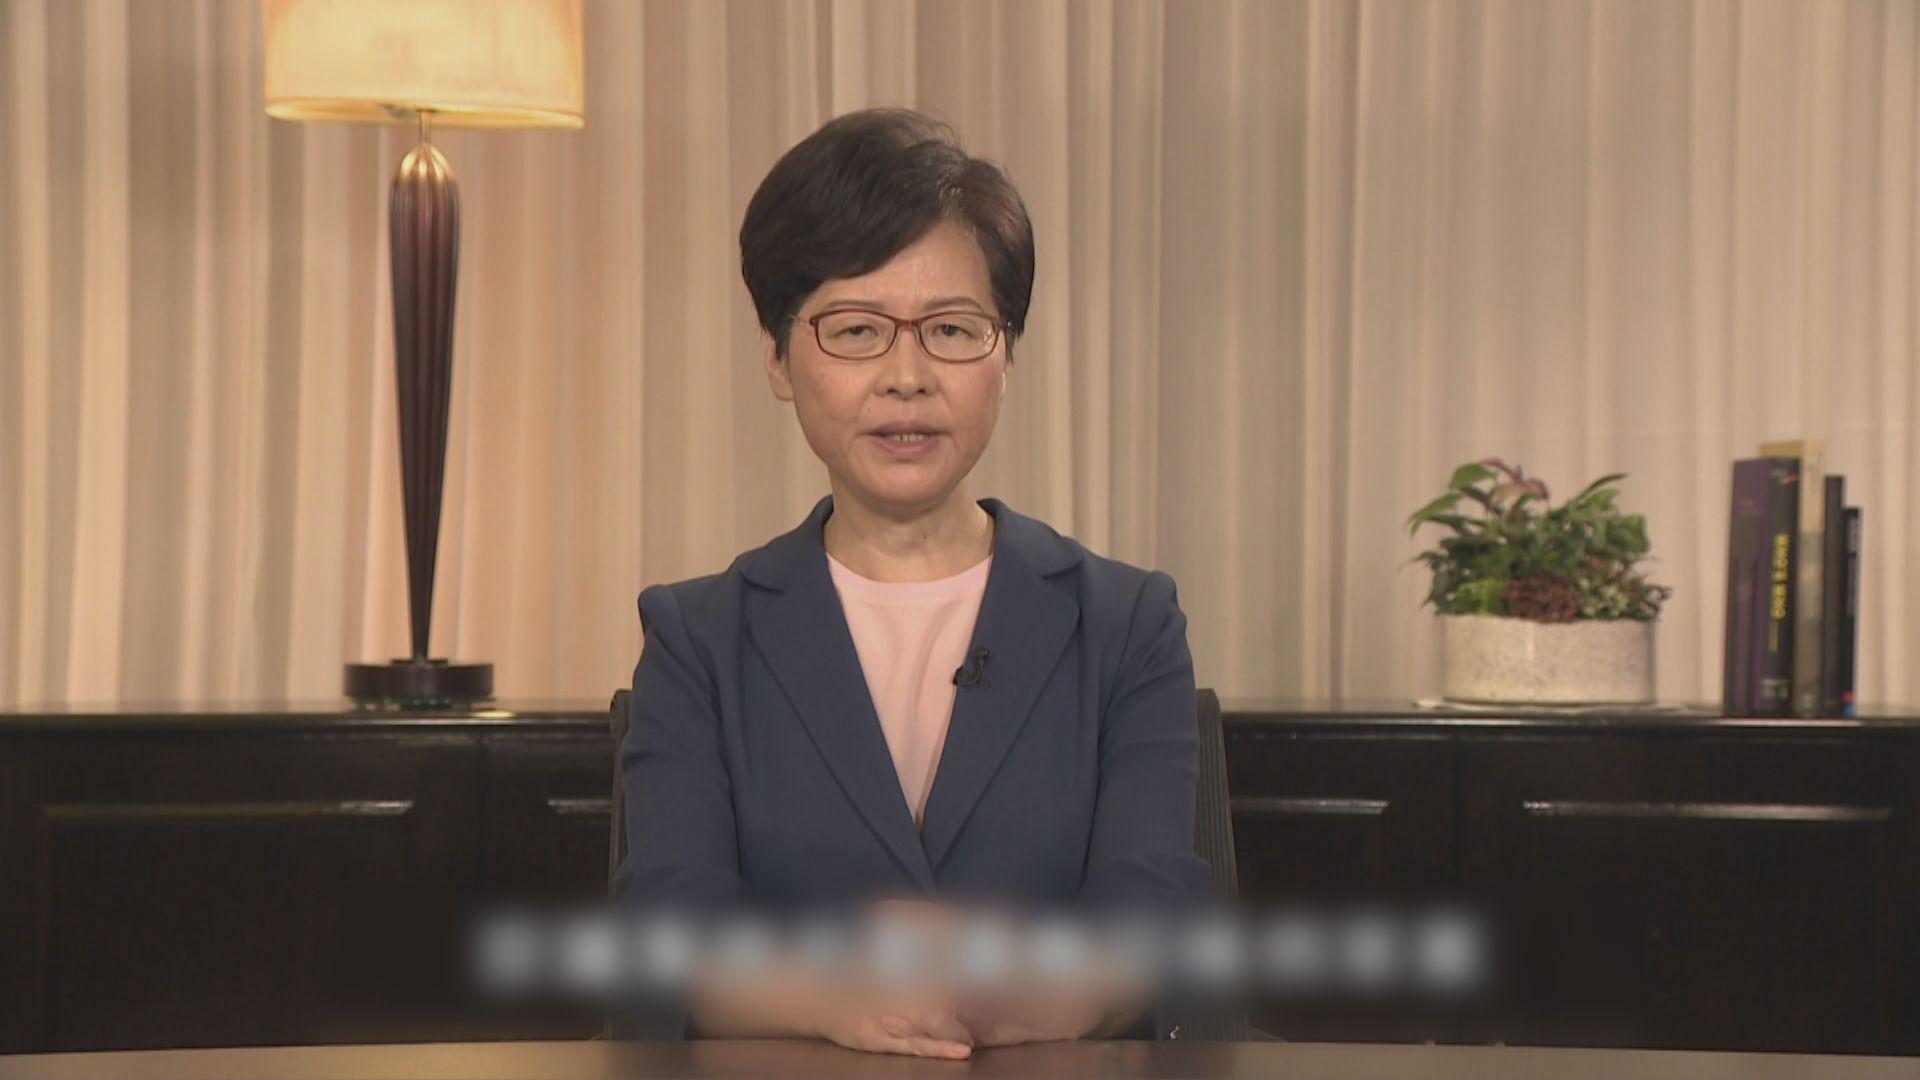 【電視講話】林鄭提四項行動回應五大訴求